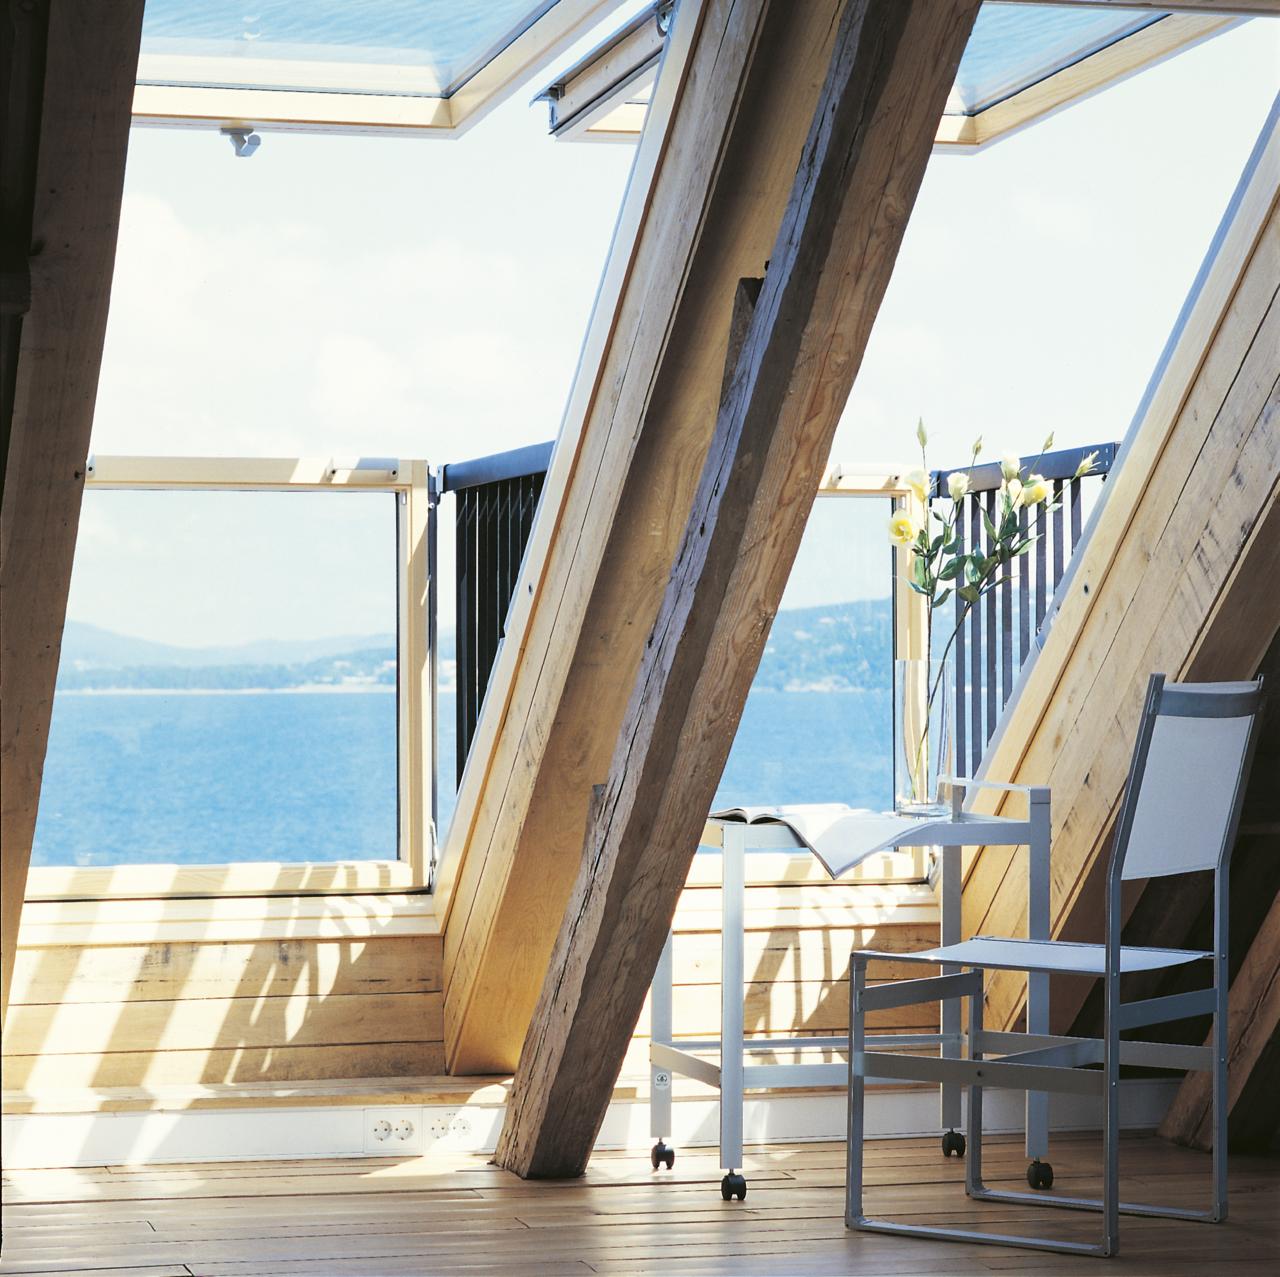 la finestra a balcone belvedere a sorpresa